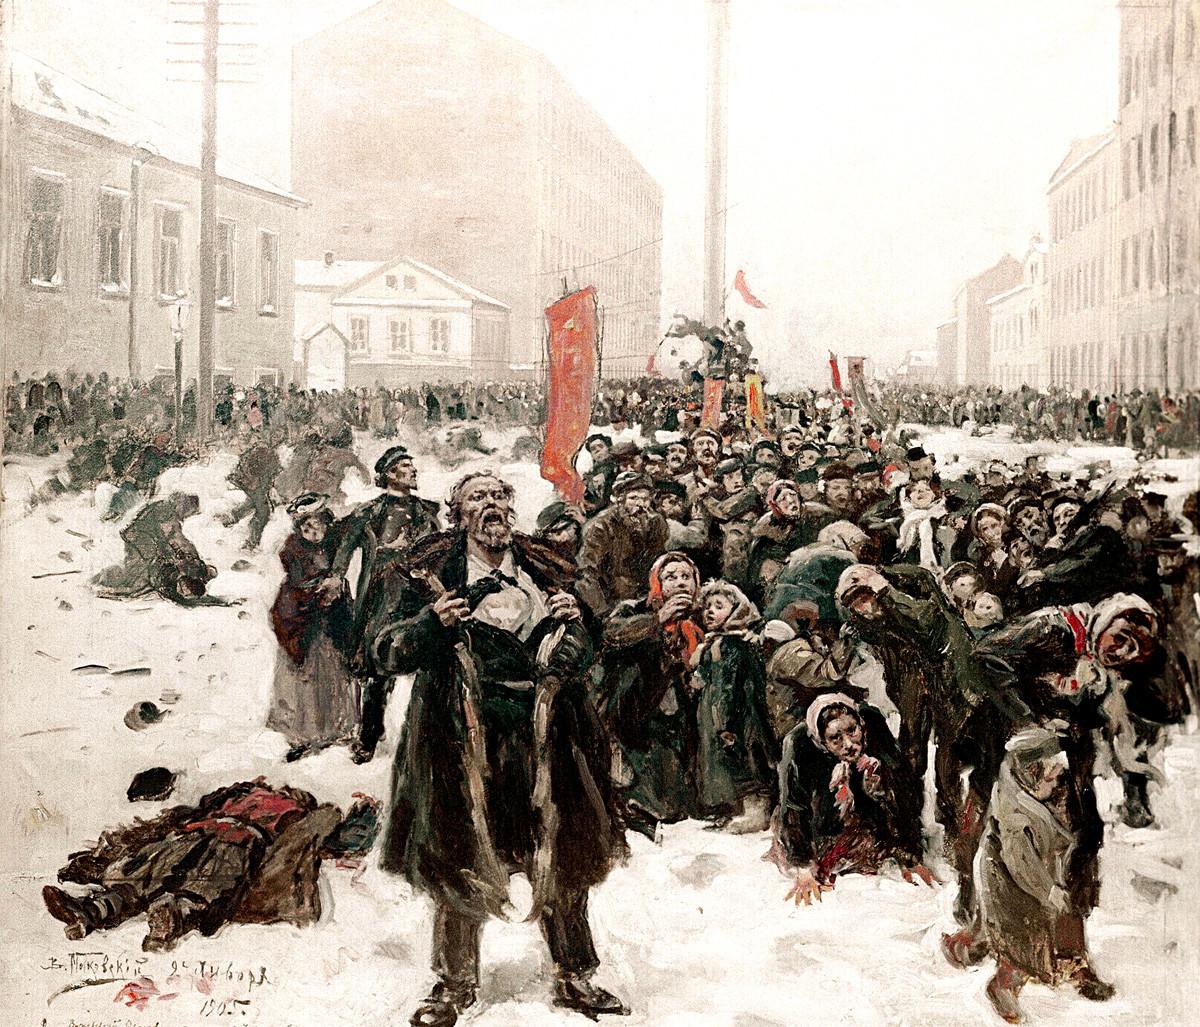 ウラジーミル・マコフスキー。「ワシリエフスキー島での1905年1月9日」。